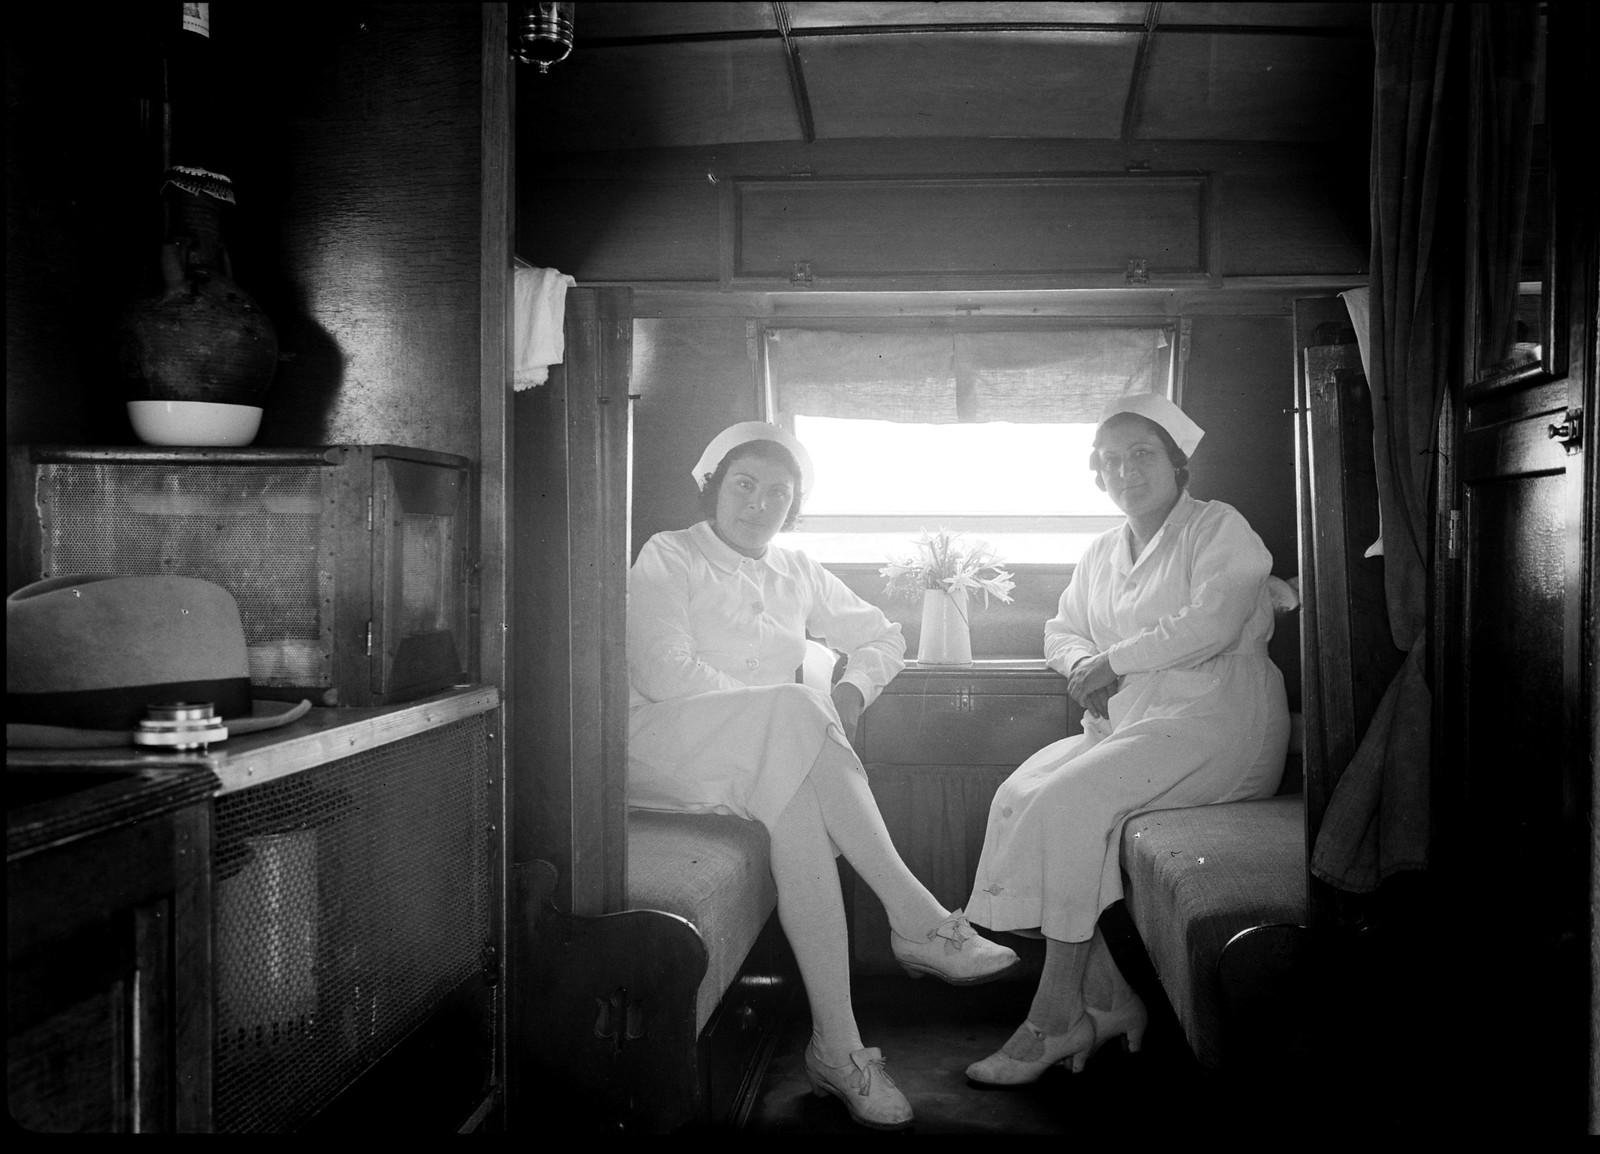 Интерьер спального фургона медсестер с пуллмановскими кроватями